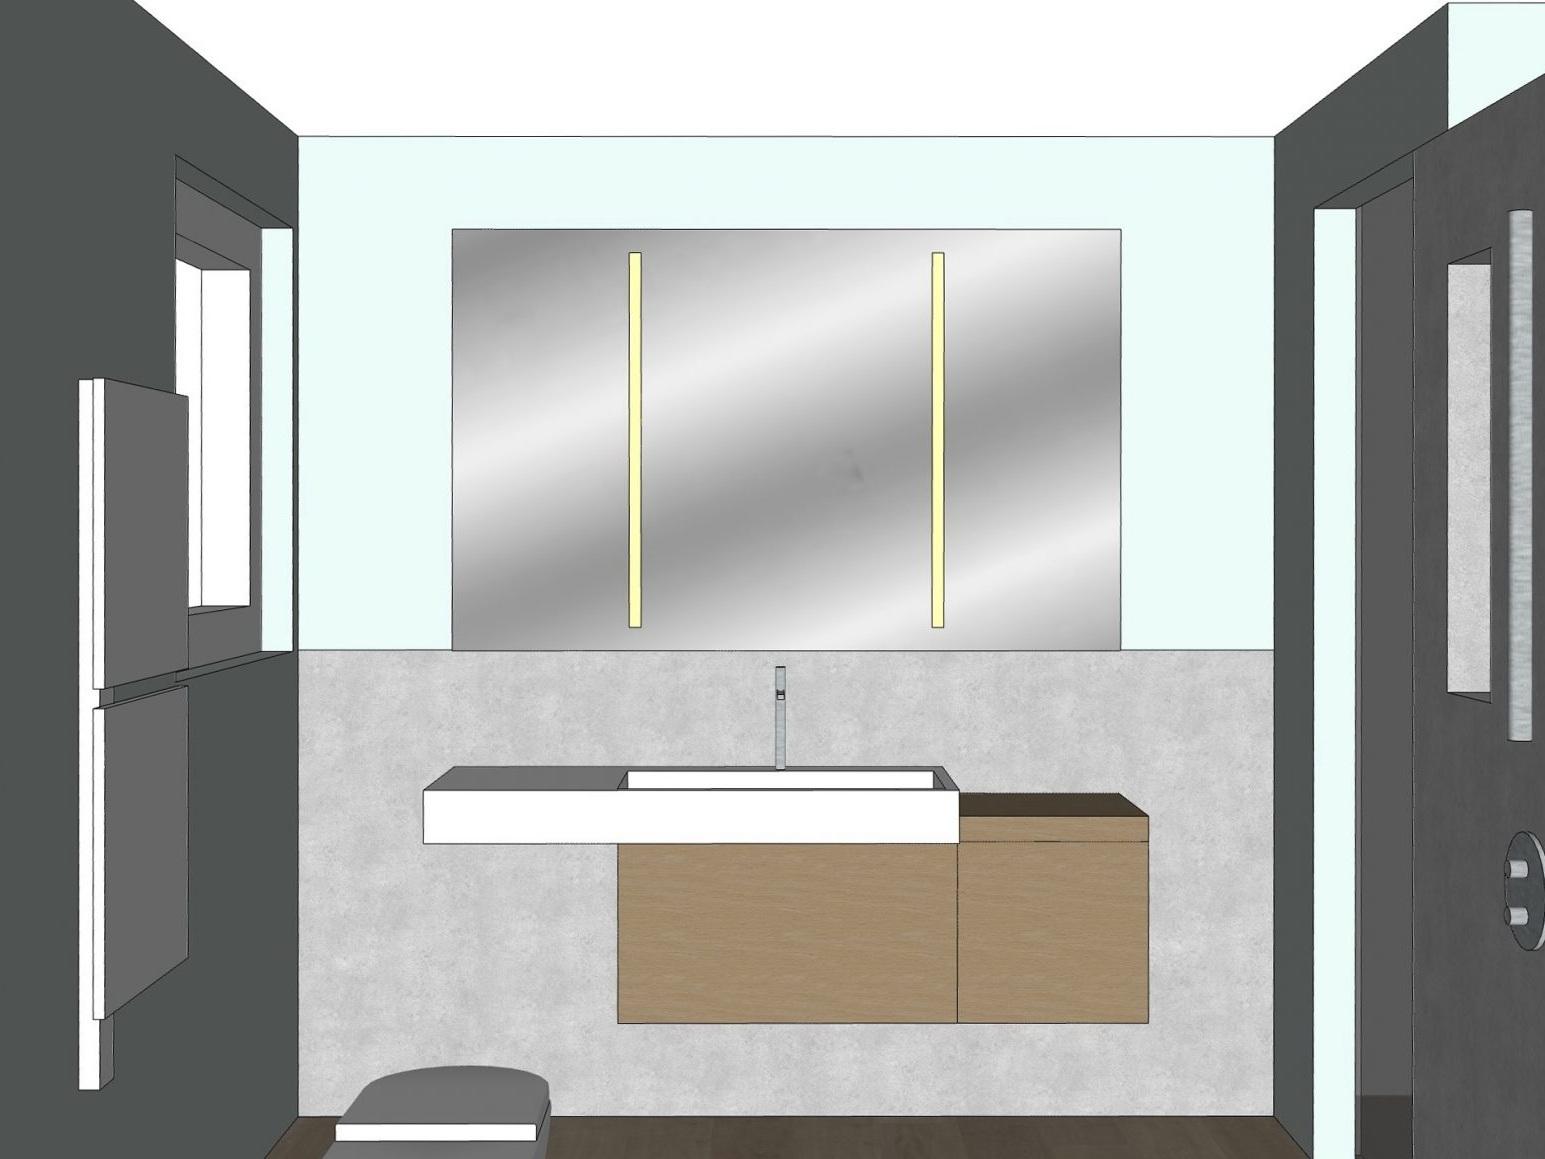 Badkonzepte für Duschbad - Variante 1, Waschplatz